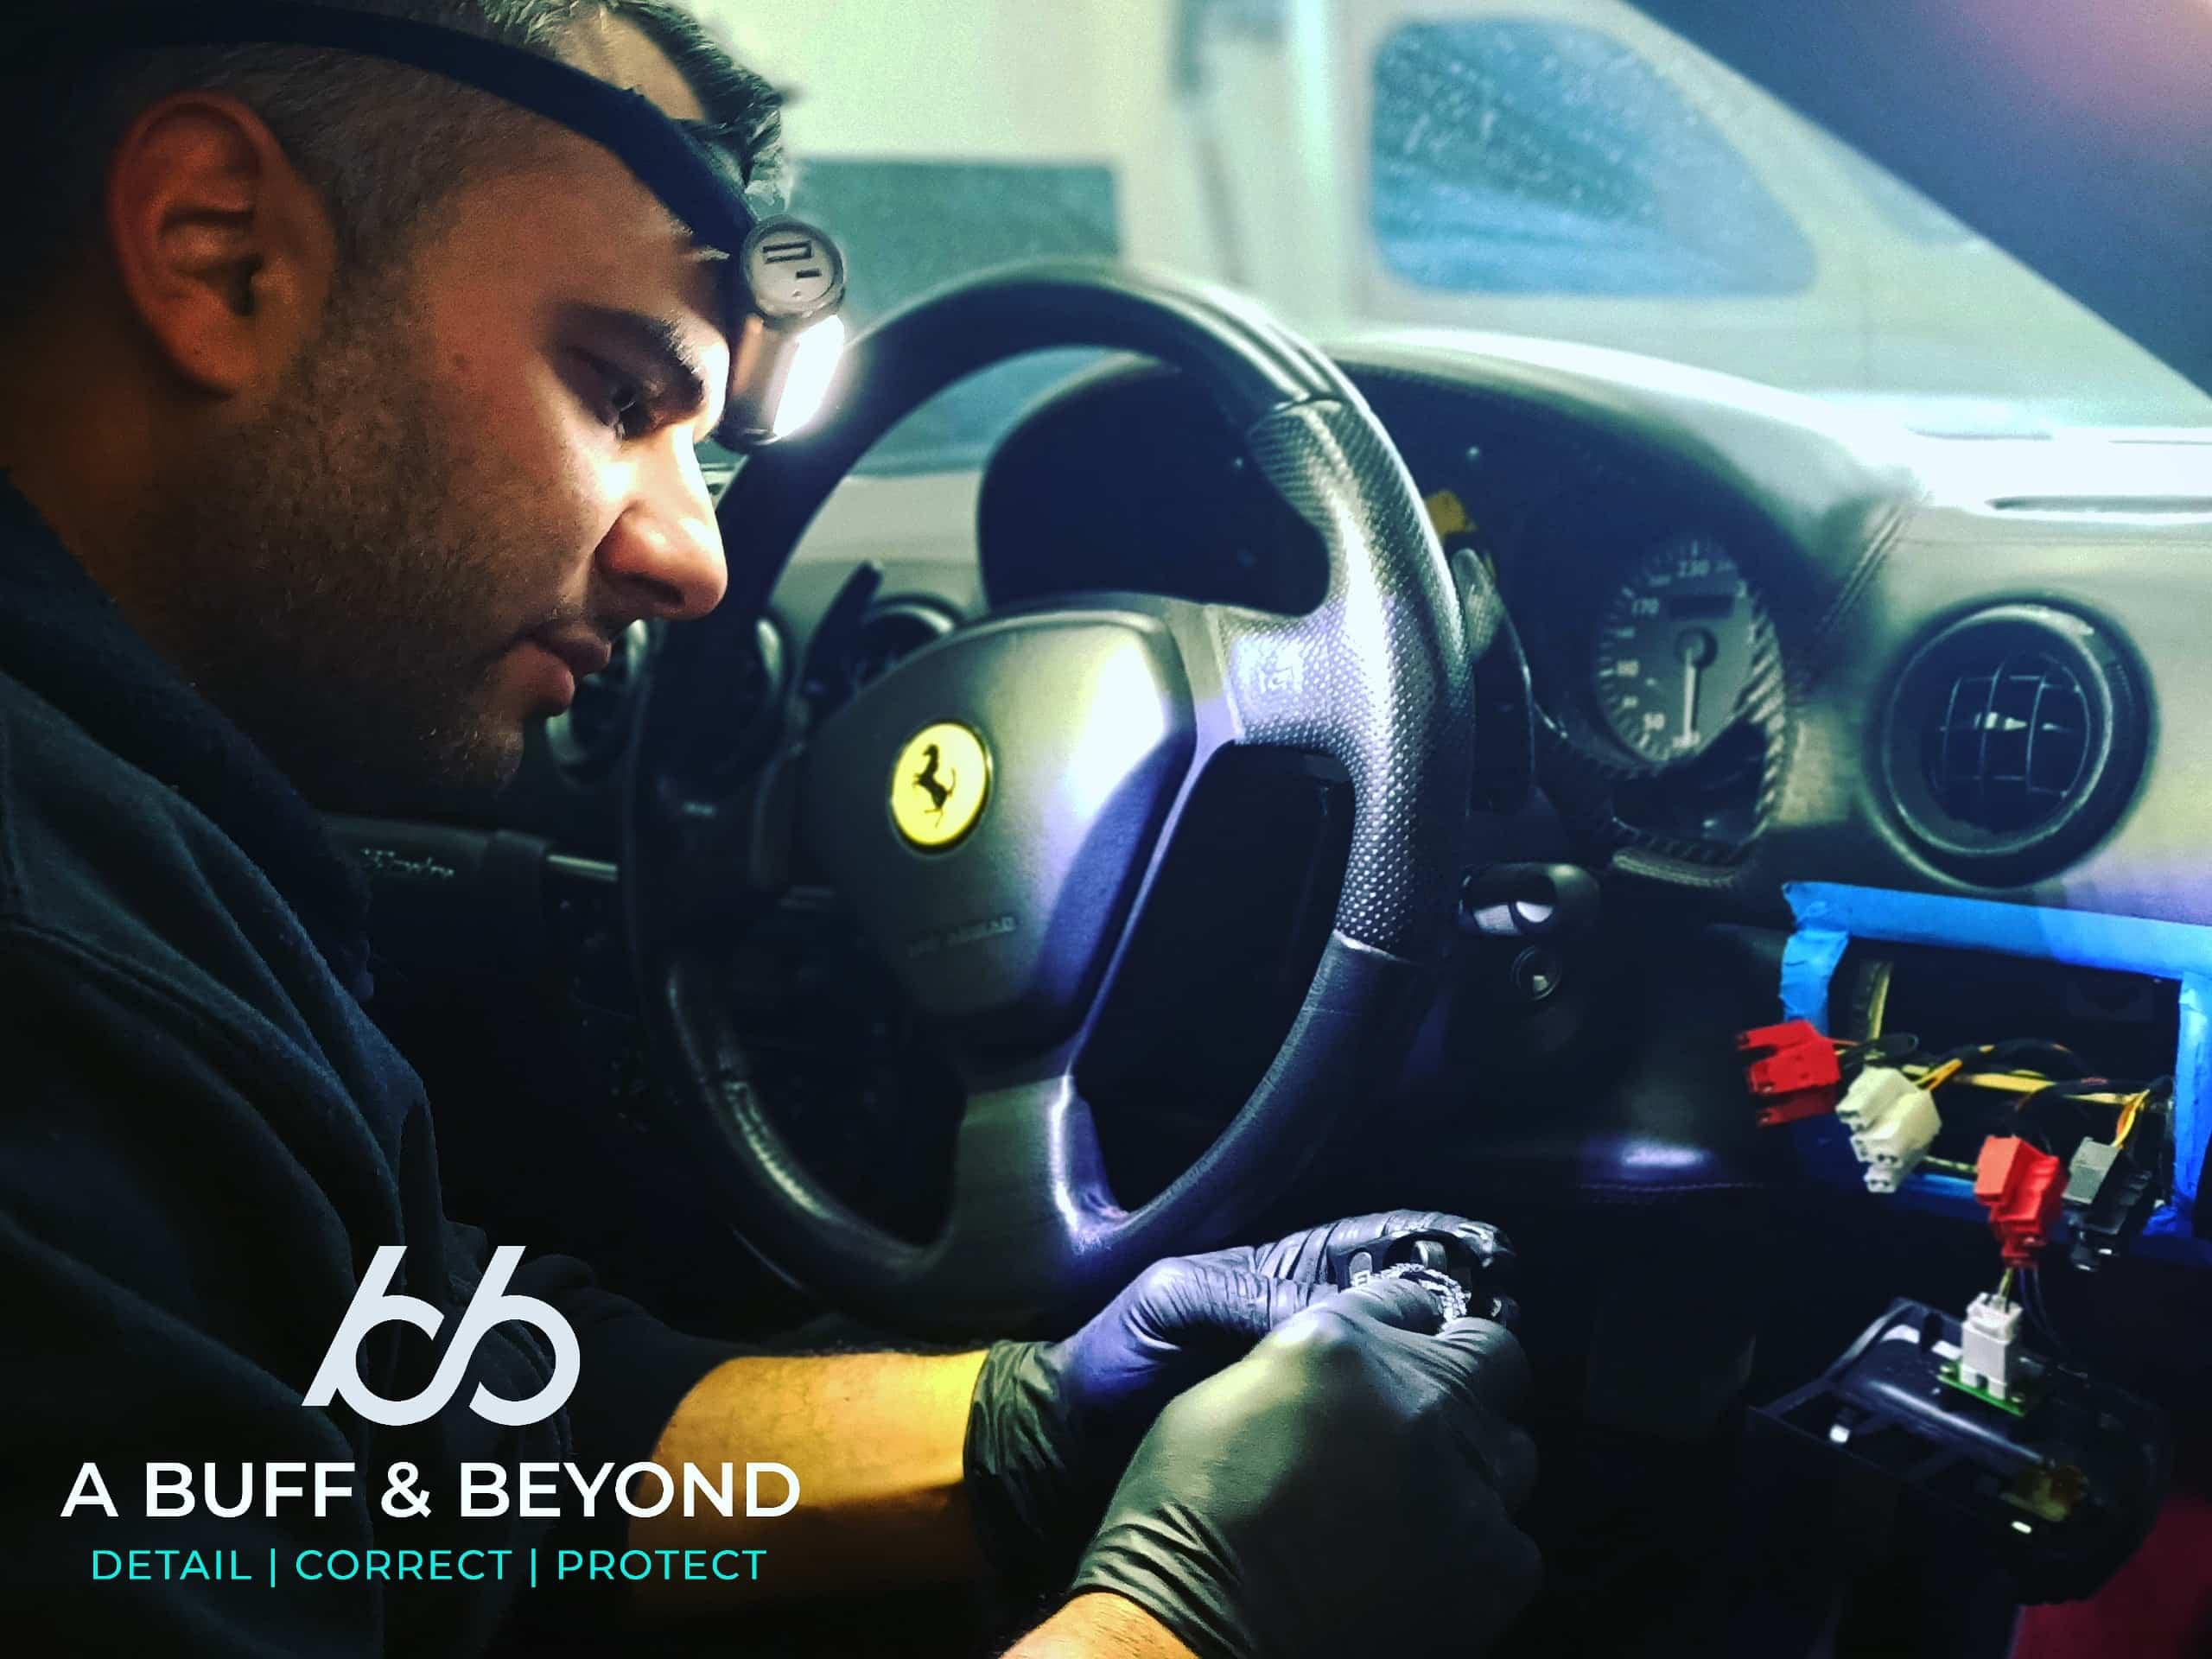 Sticky button fix for Ferrari